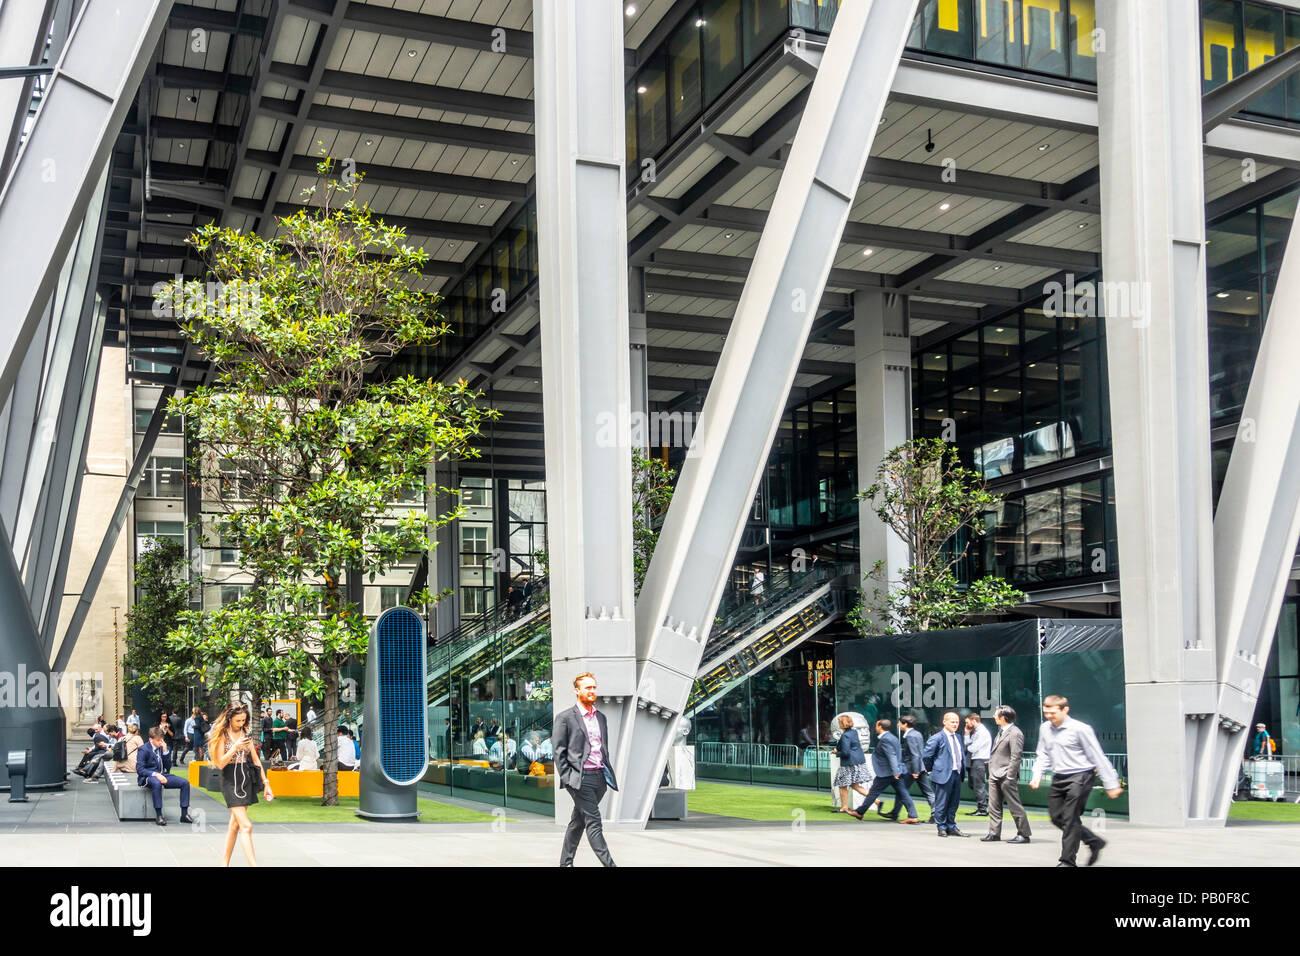 Männer und Frauen mit und wandern vorbei an den öffentlichen Raum Atrium am Fuße des Leadenhall Building in London, England, Großbritannien Stockbild